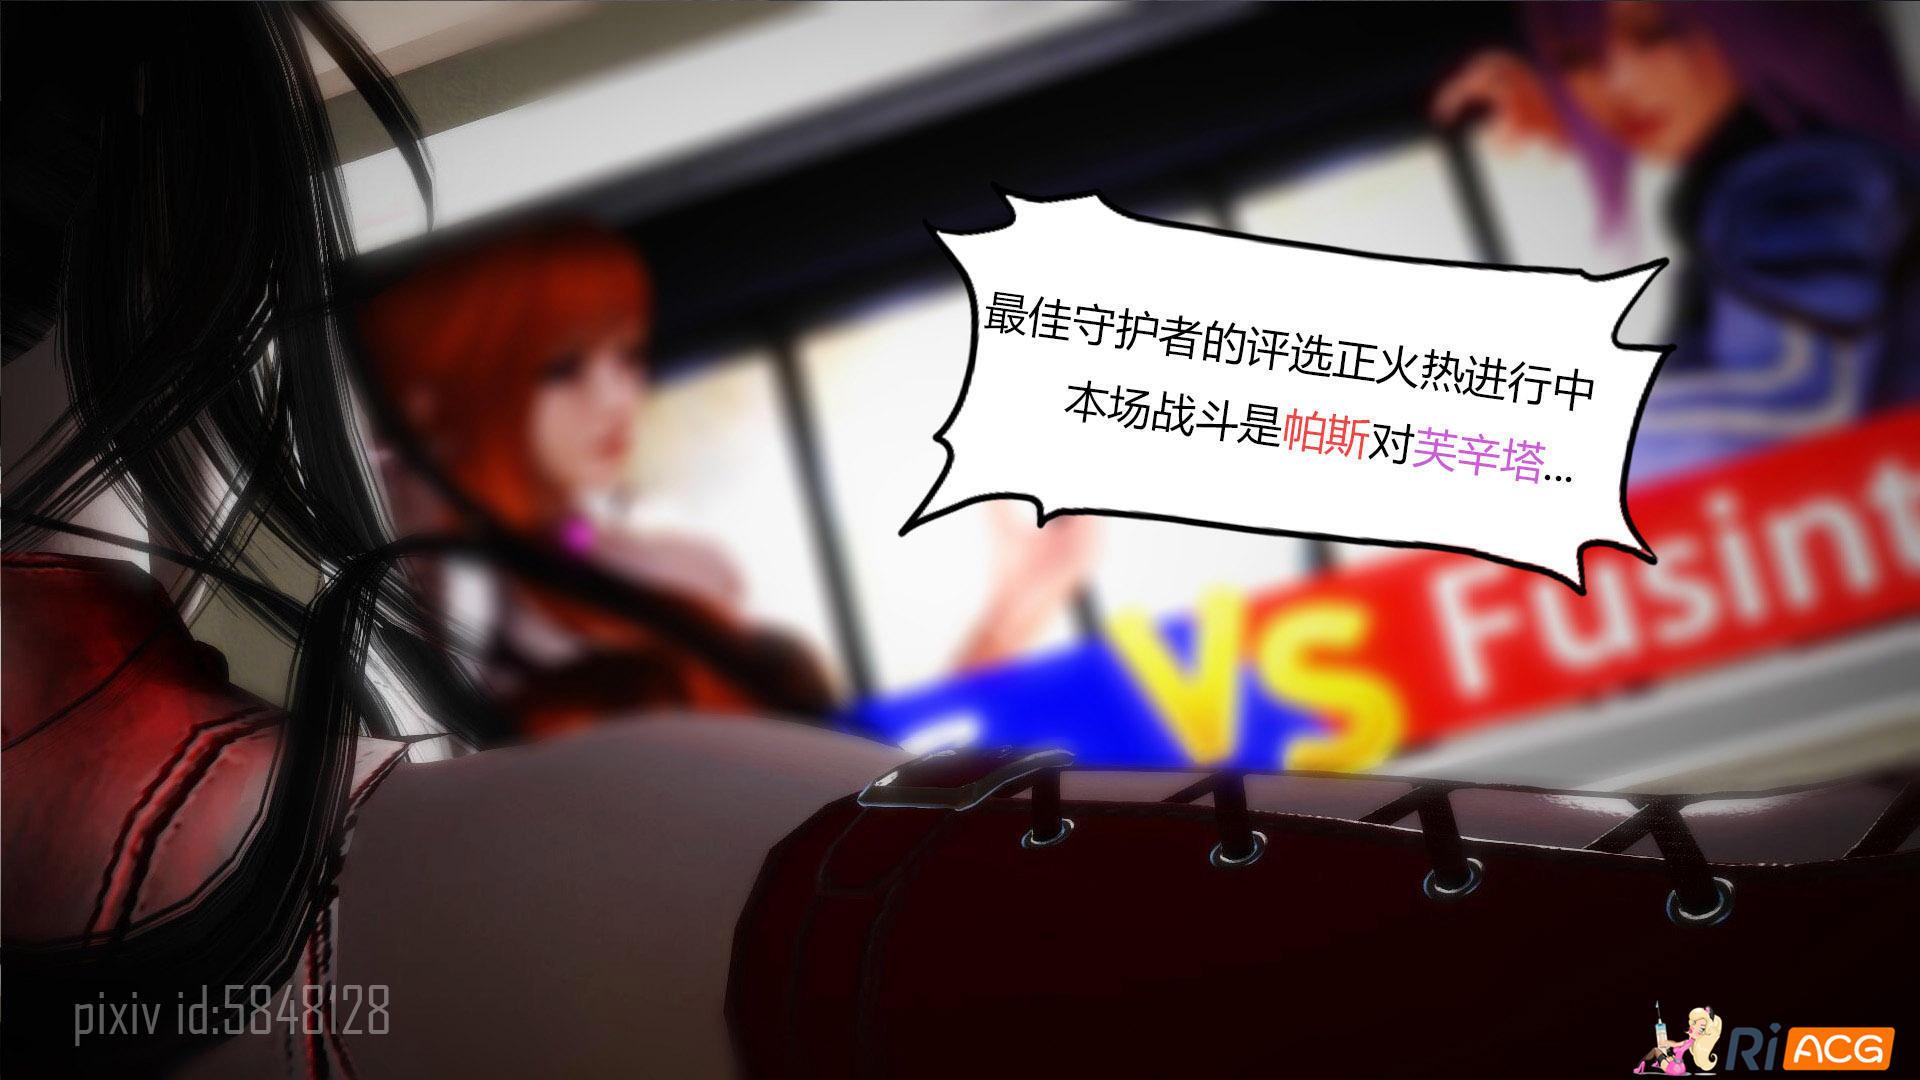 【漫画】变体 更新第五章 (1-5)